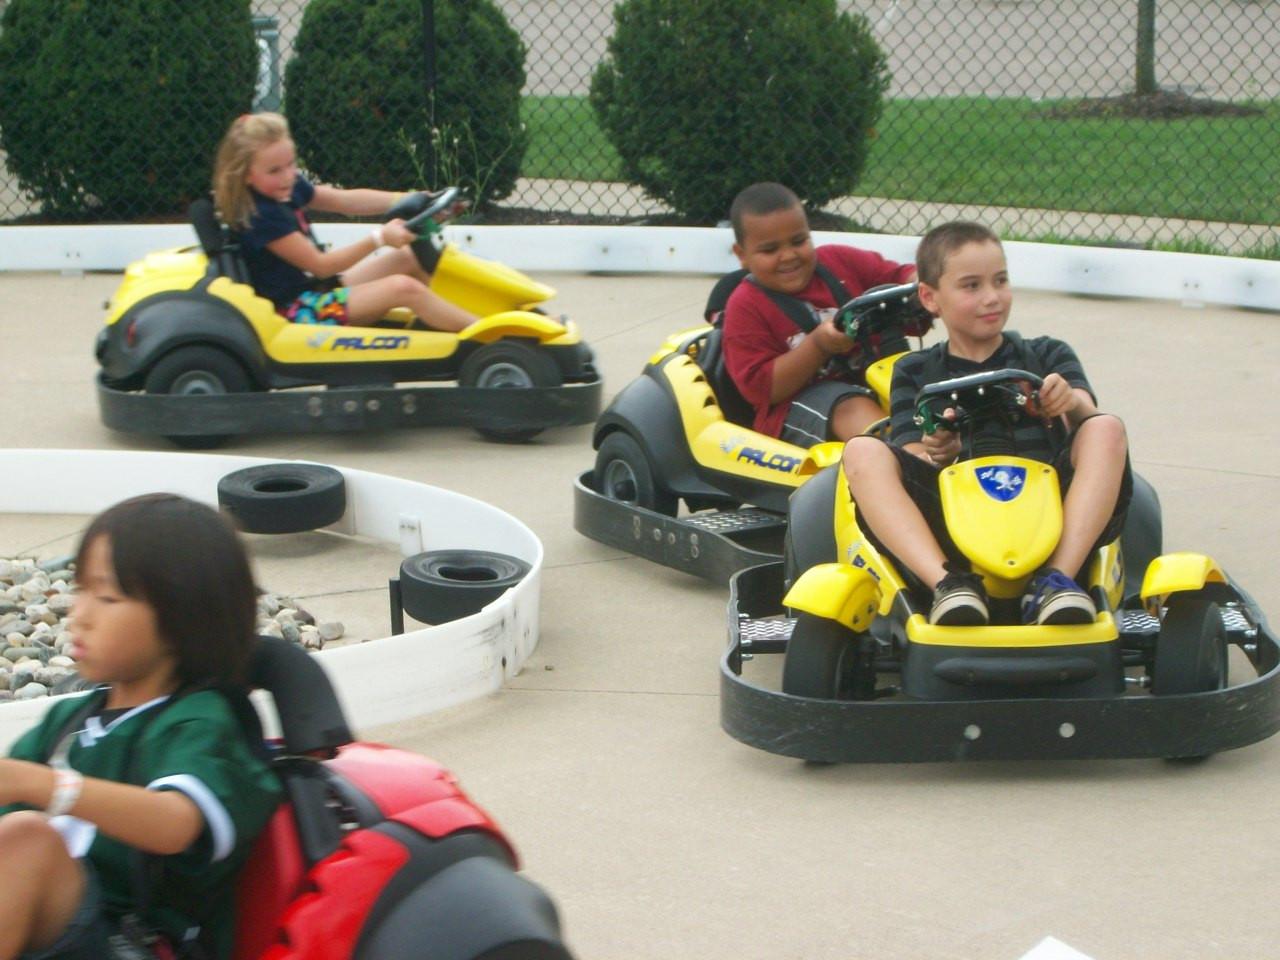 field trip kids on kiddie karts